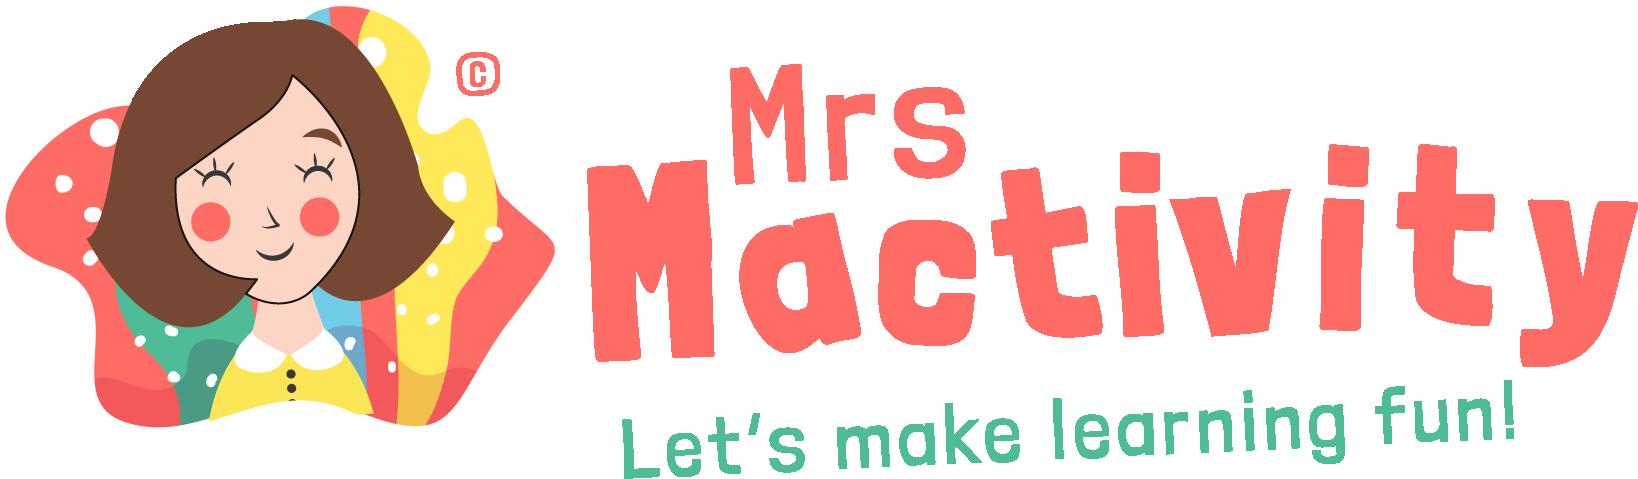 Mrs Mactivity LOGO 2020 COLOUR FOR LIGHT BG WEB